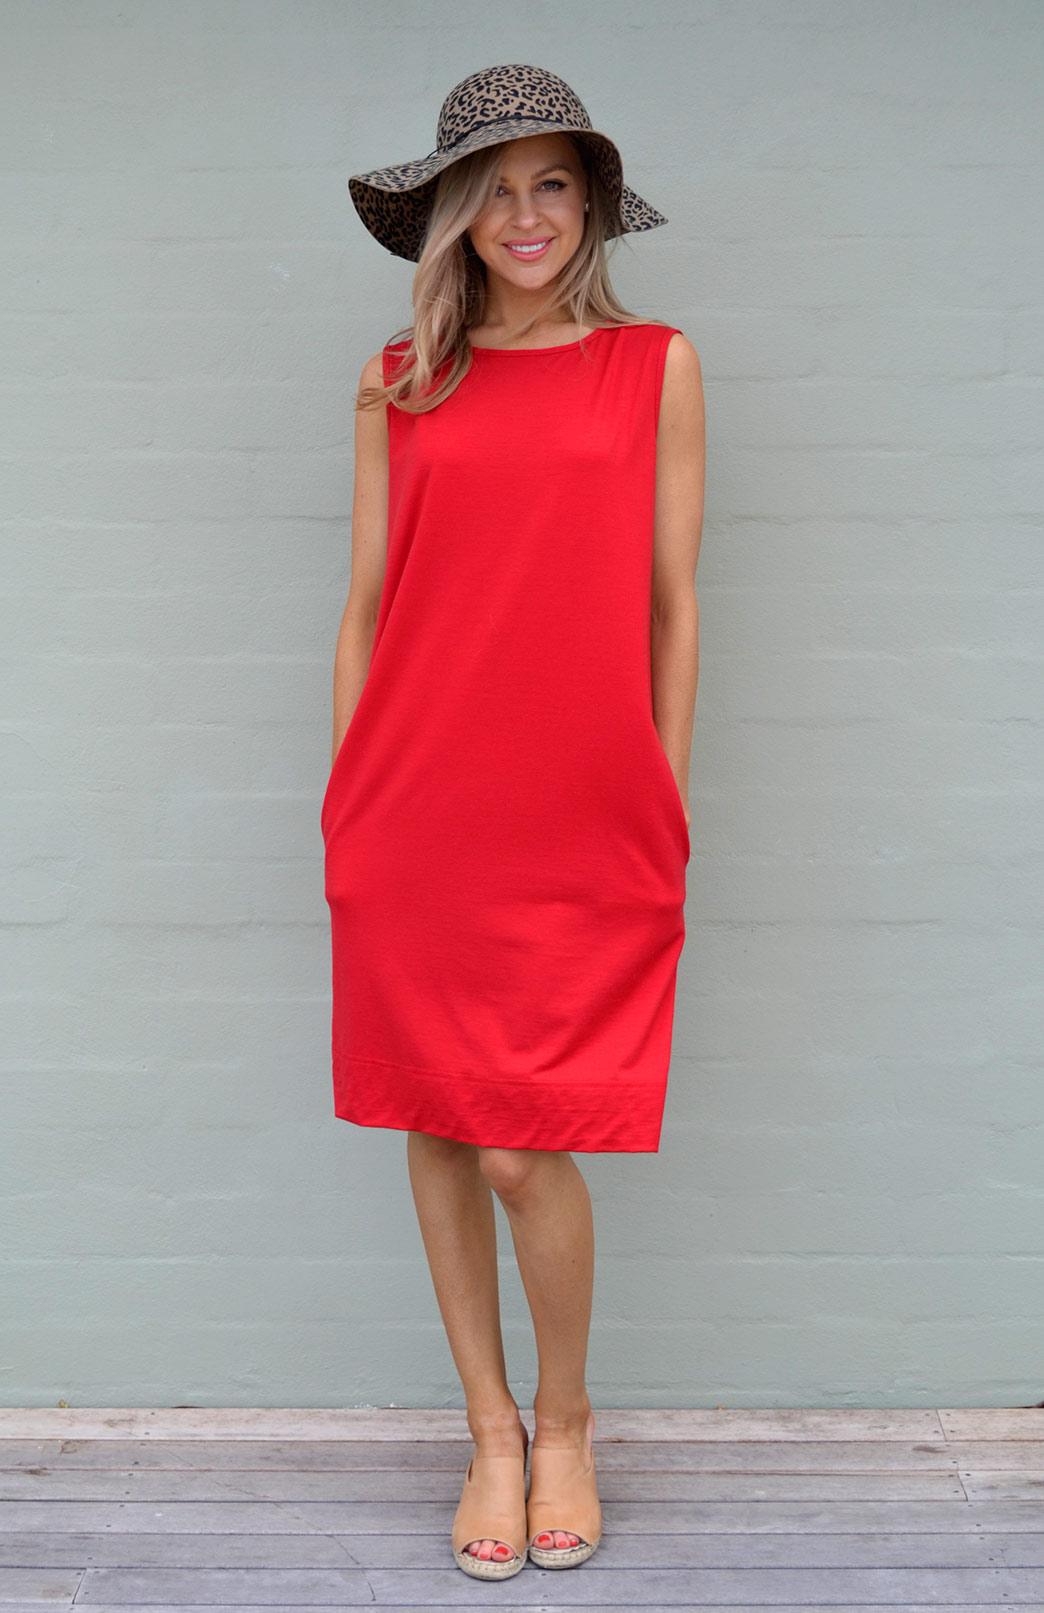 7ce7e2afef16b Womens  Fashion Merino Wool Clothing